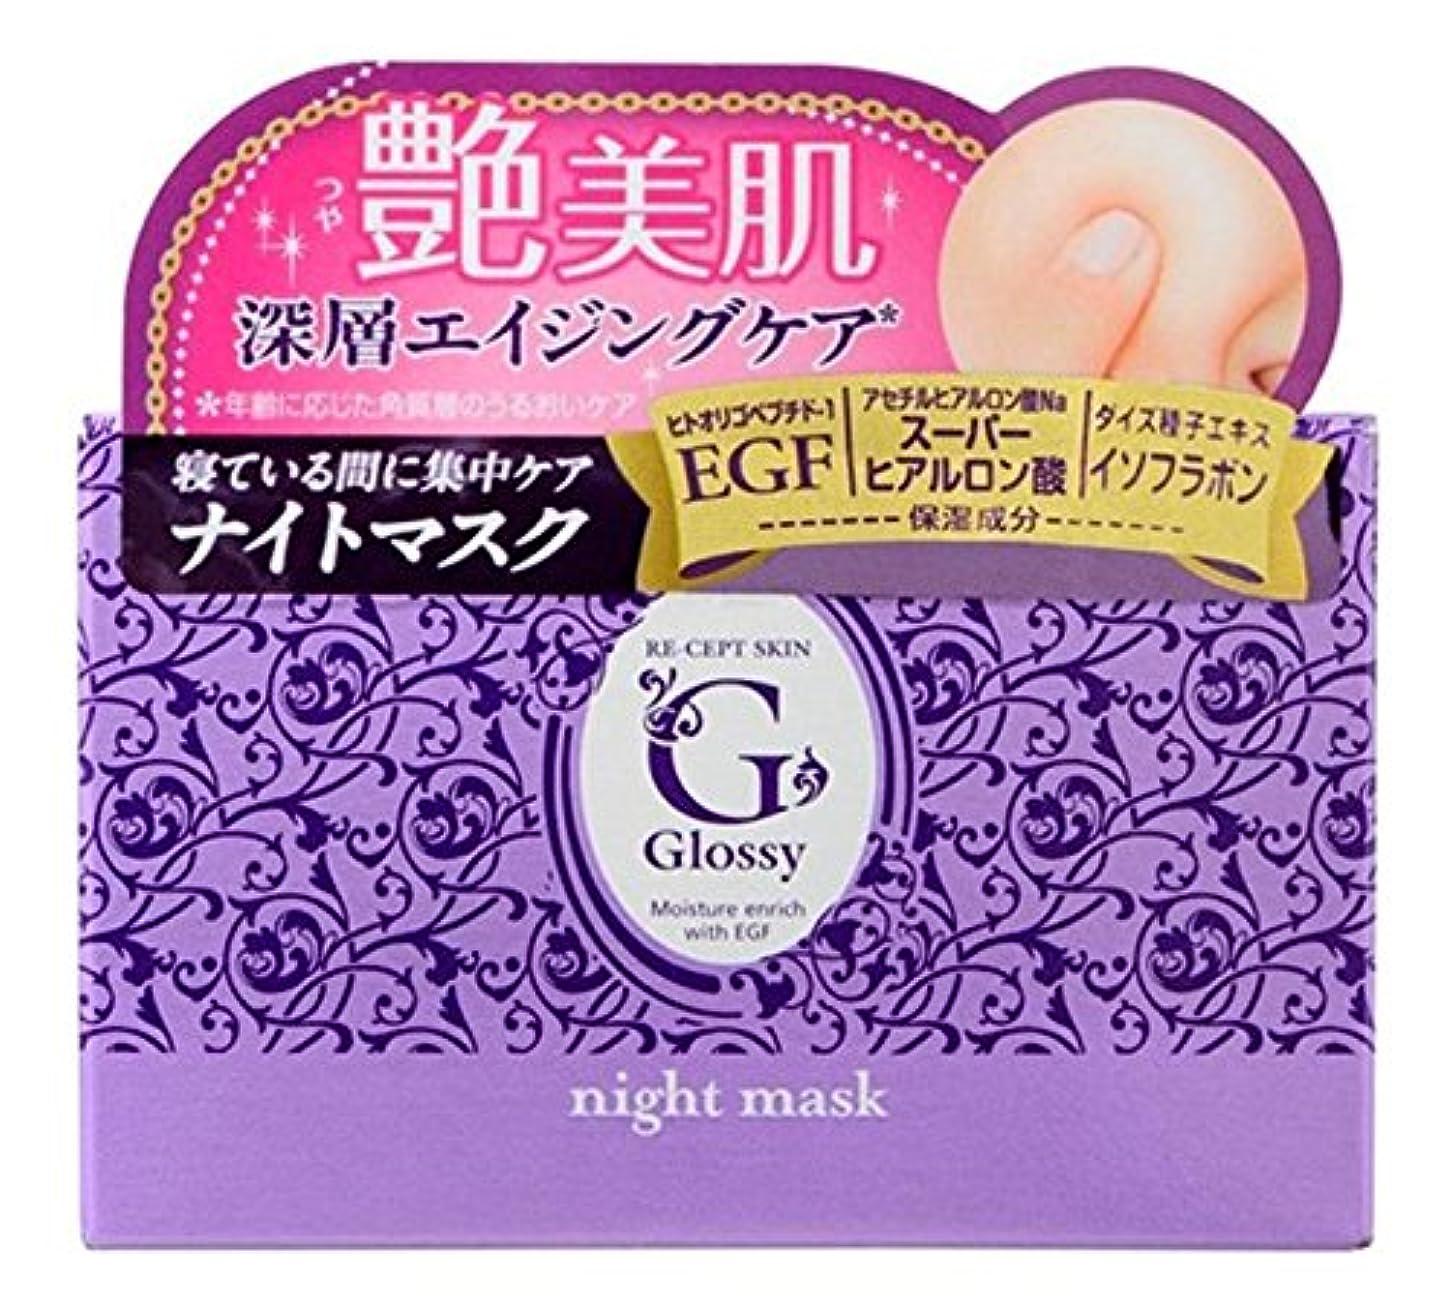 拒絶七時半先のことを考える日本ゼトック リセプトスキン グロッシー ナイトマスク <クリーム状マスク> 90g